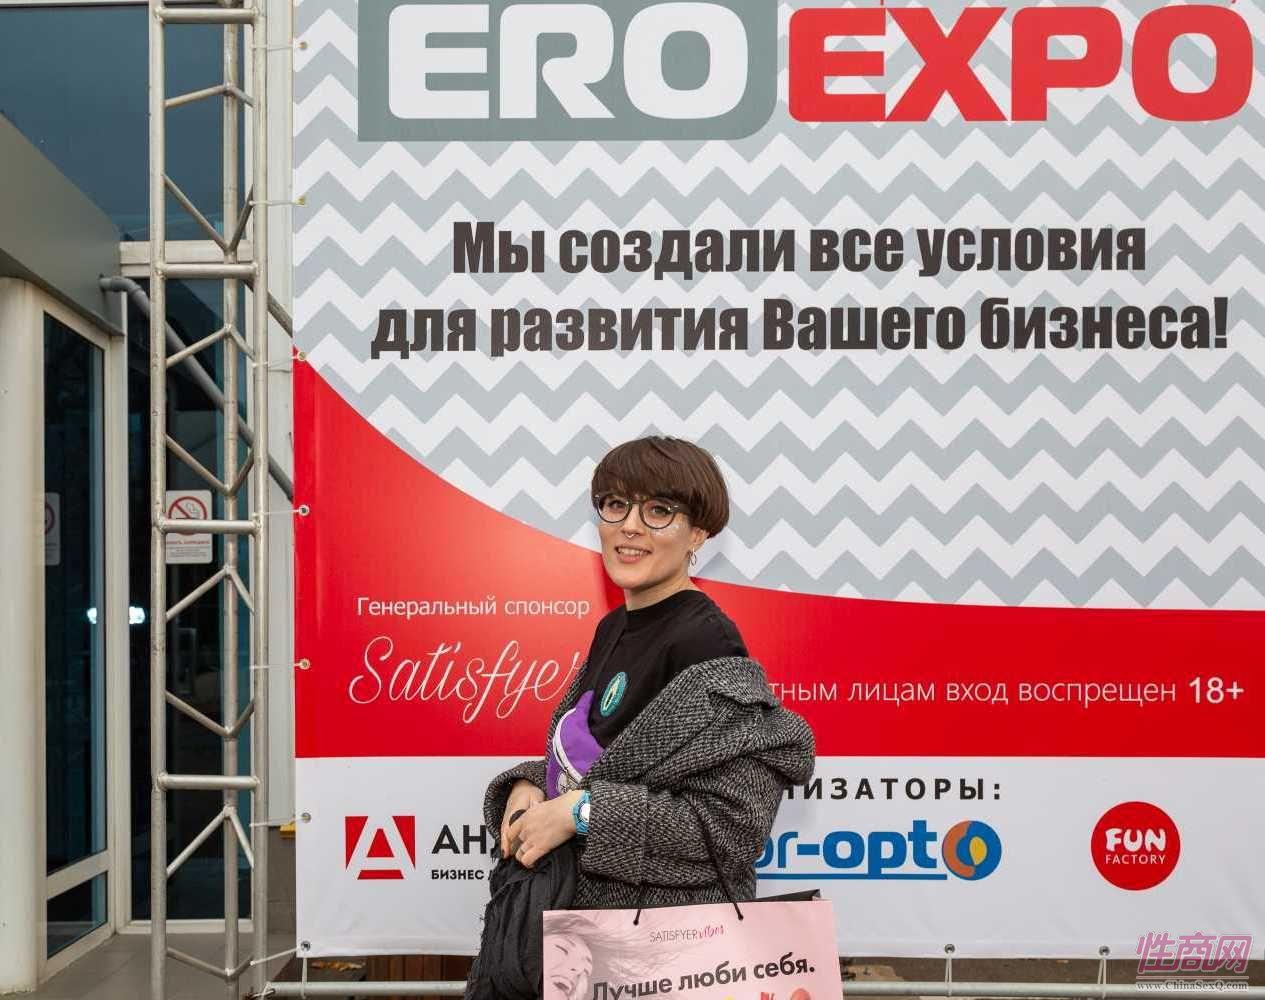 俄罗斯成人展-展会现场 (1)